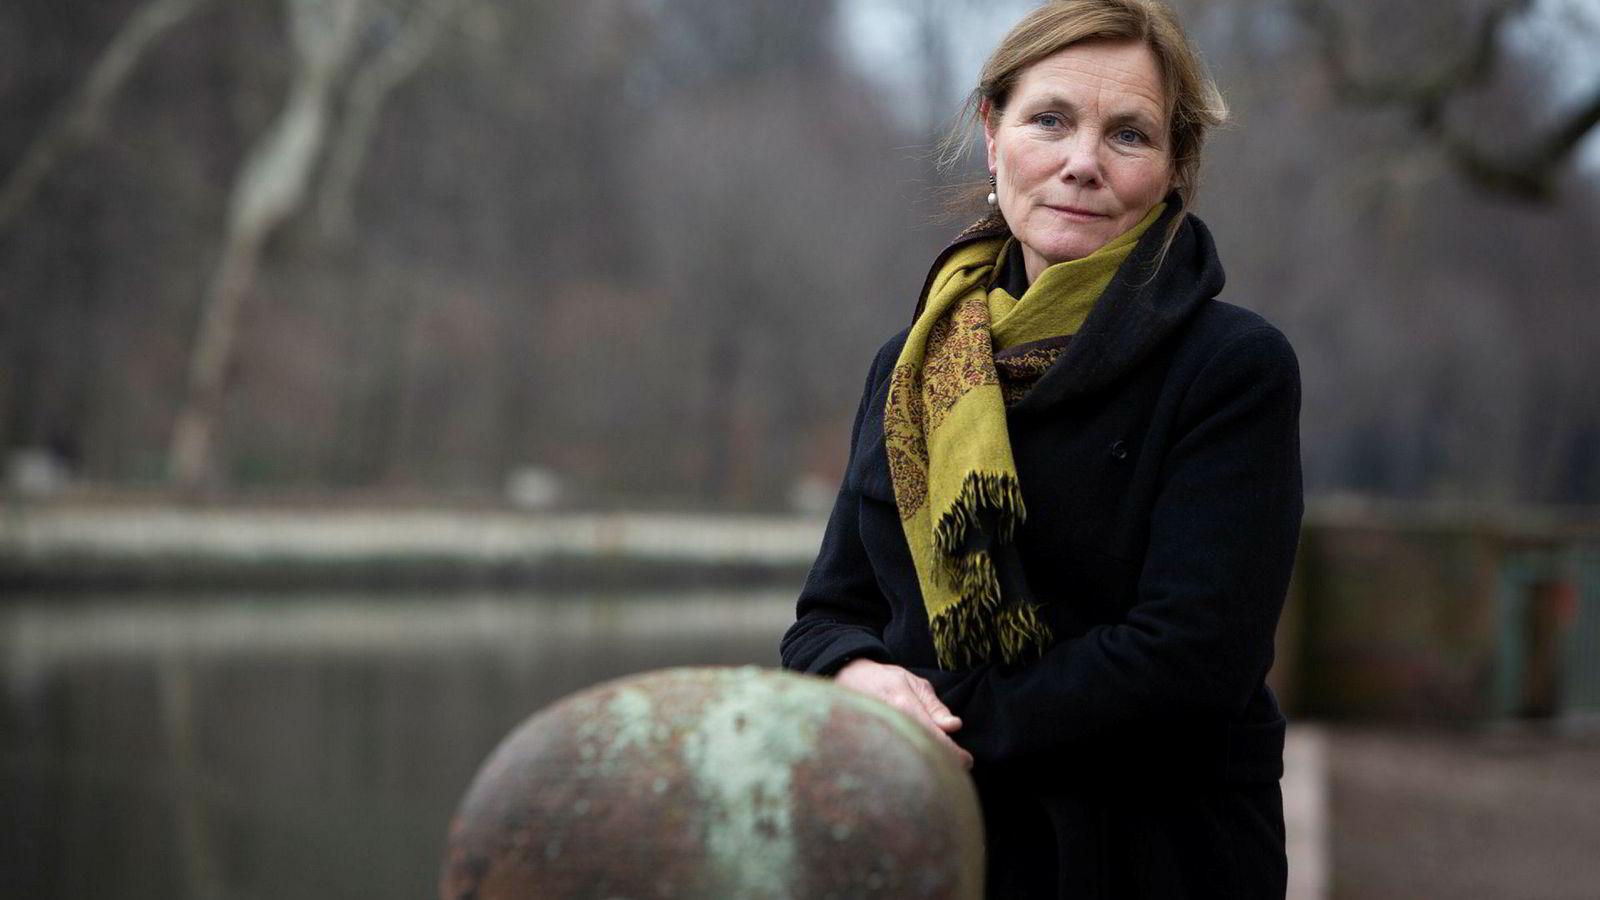 Overlege Birgit Lie har havnet i en lang konflikt med det tyske galleriet Galerie Michael Janssen.